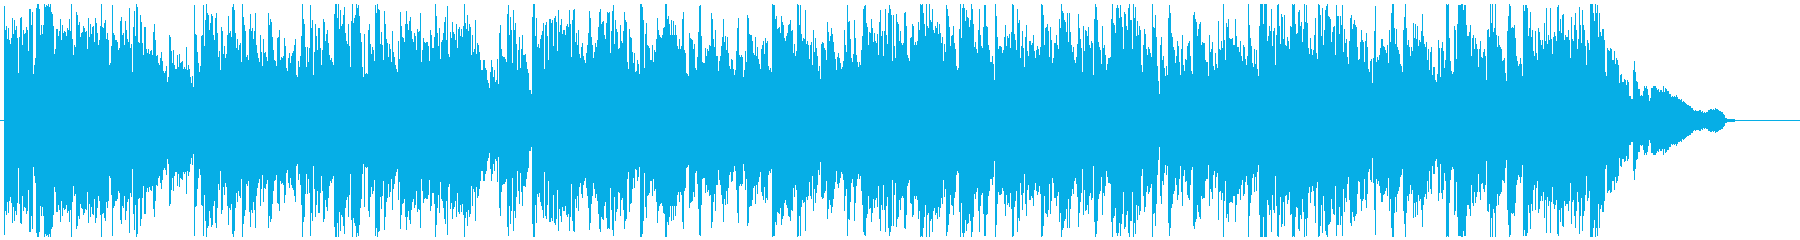 わくわくする高揚感あるジャズ ※60秒版の再生済みの波形